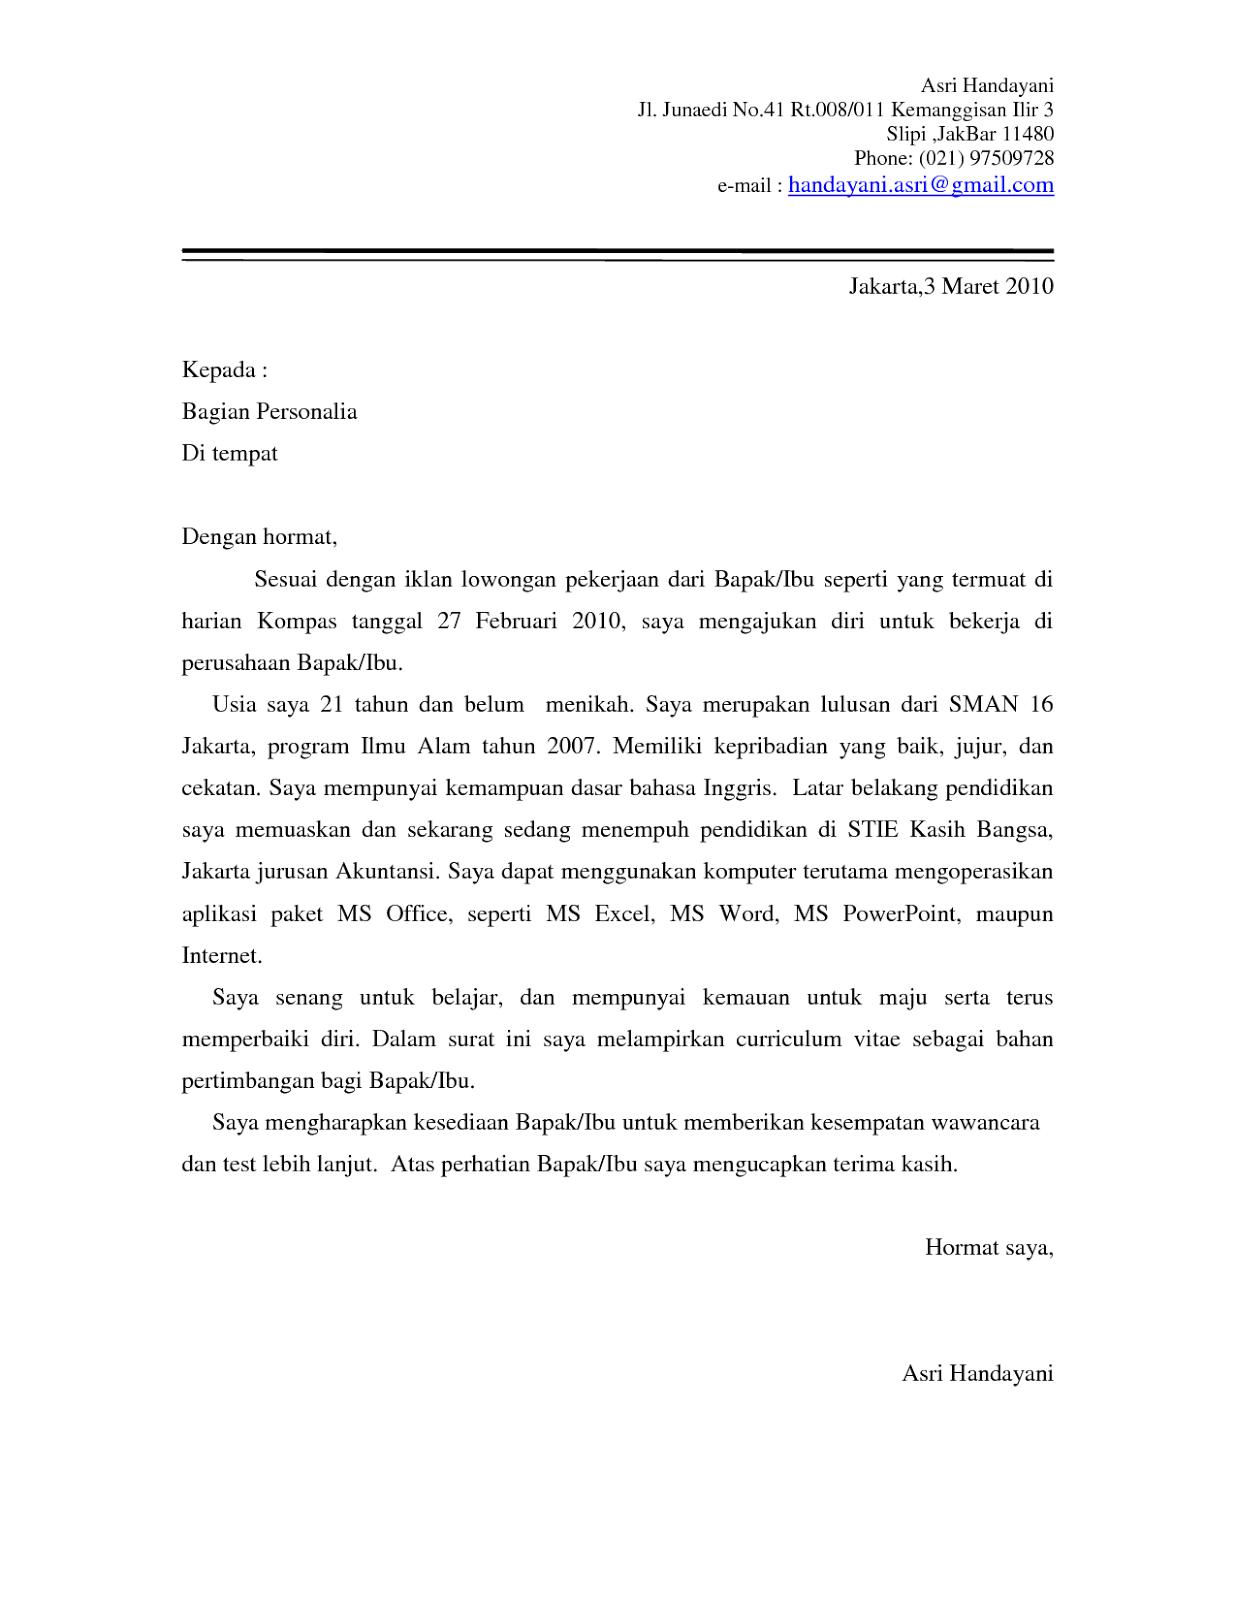 7 Surat Lamaran Kerja Administrasi